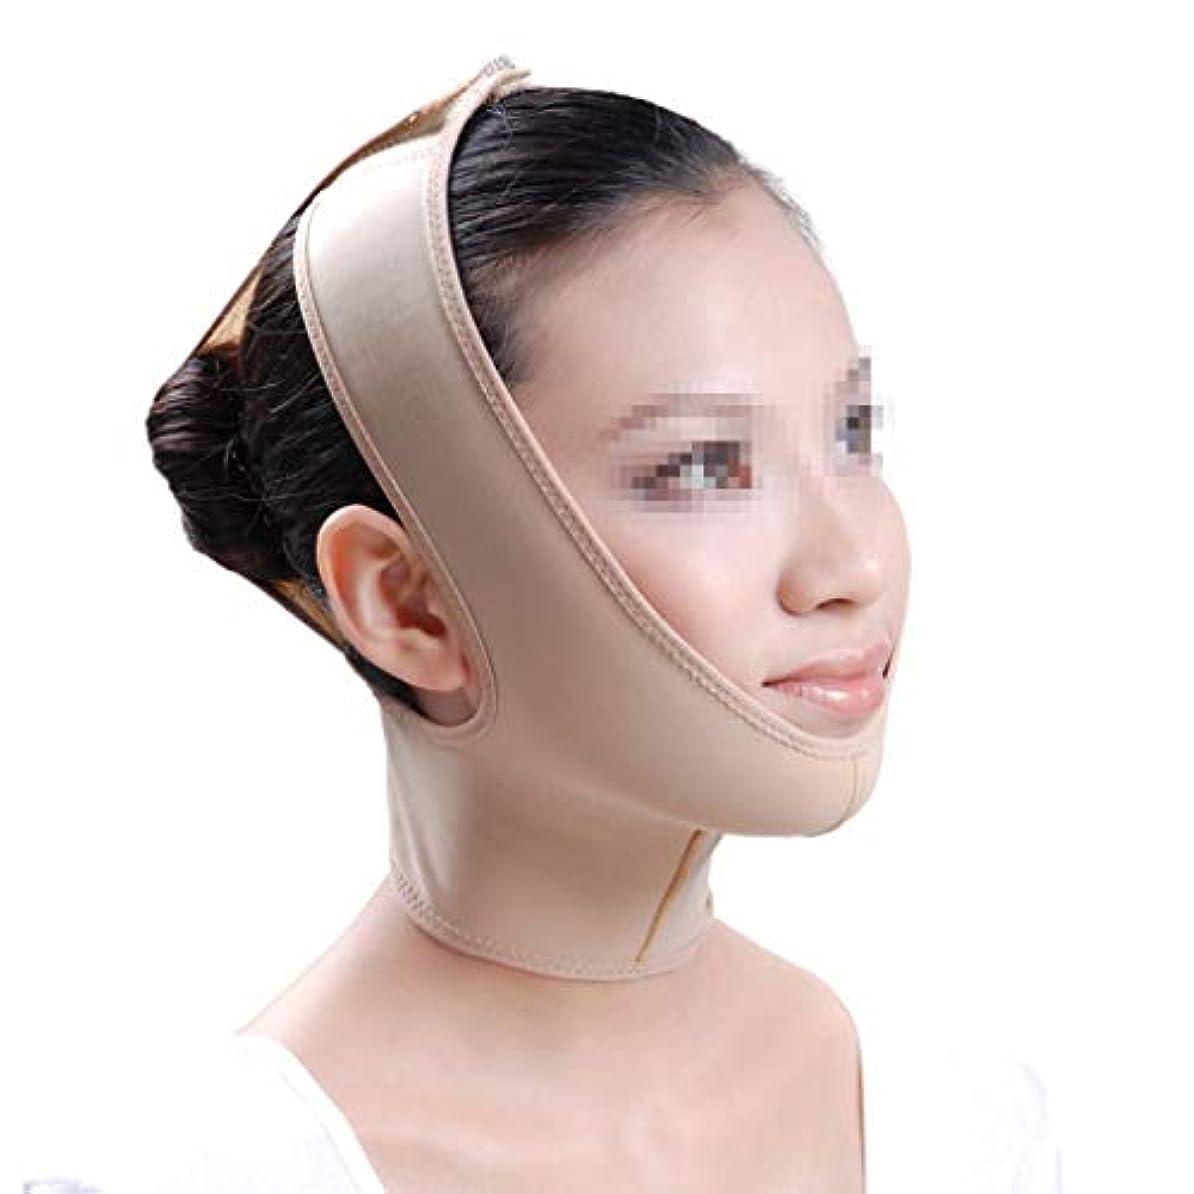 アテンダントパラダイスコンピューターを使用するフェイスリフトマスク、ジョーネックスリーブネックダブルチンフェイス医療脂肪吸引手術創傷フェイスマスクヘッド弾性スリーブ(サイズ:L)